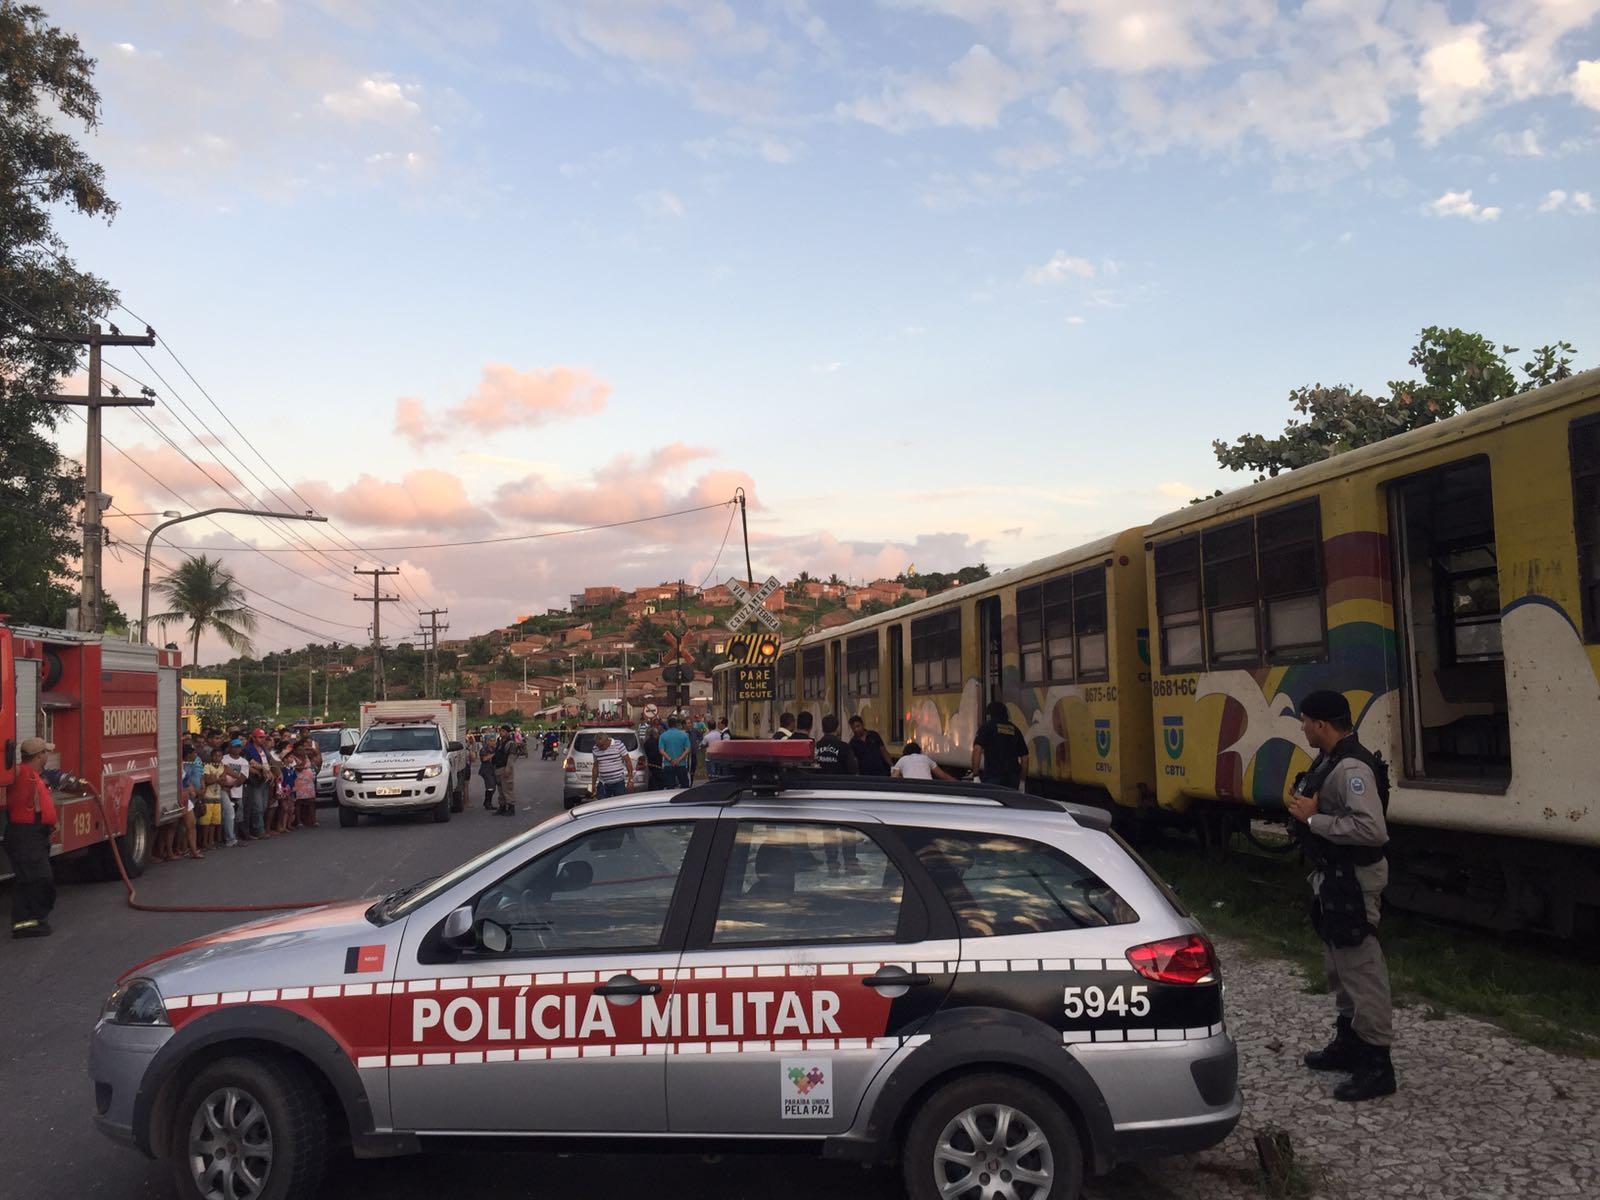 acidente trem bus - Empresa de ônibus e CBTU lamentam acidente e confirmam auxílio em investigação